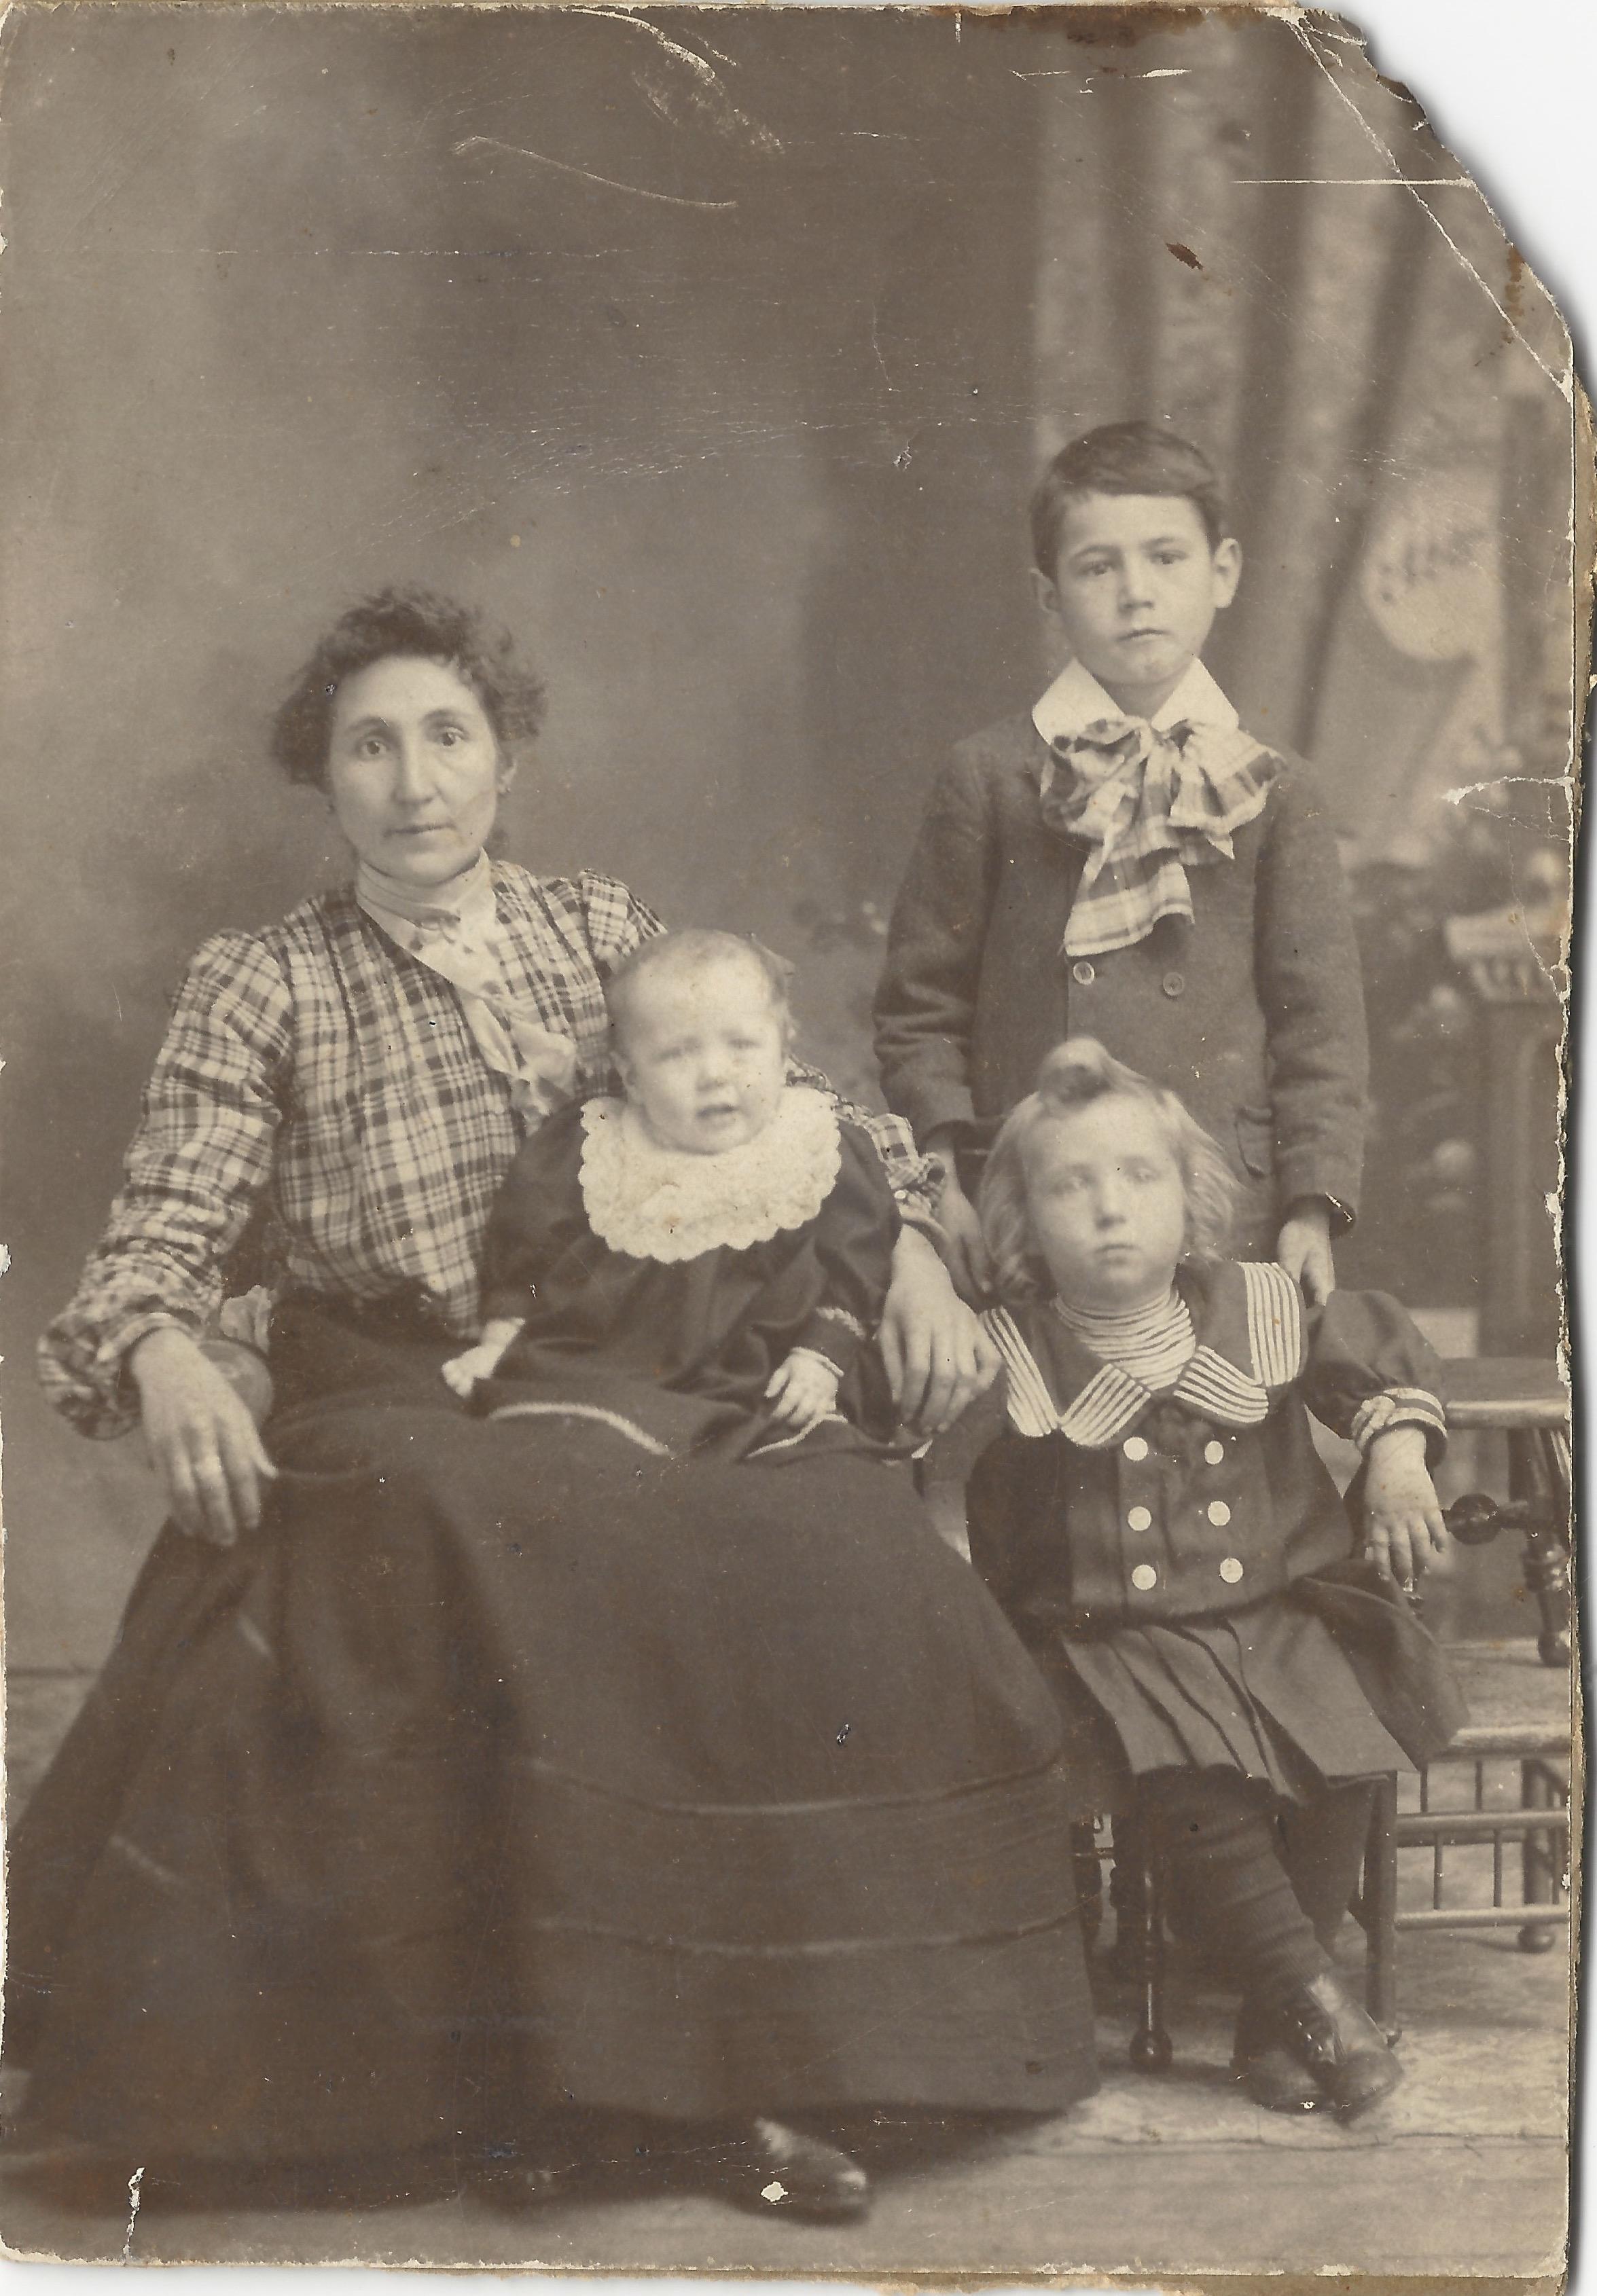 Cécile Gagnon Lizette avec trois de ses enfants. Debout John, l'aîné né en 1894, qui pourrait avoir 6 ans, ce qui daterait la photo de 1900 environ.  L'enfant assis à droite serait alors Wilfrid (1897-1900) et le bébé Pauline-Blanche (1899-1901).